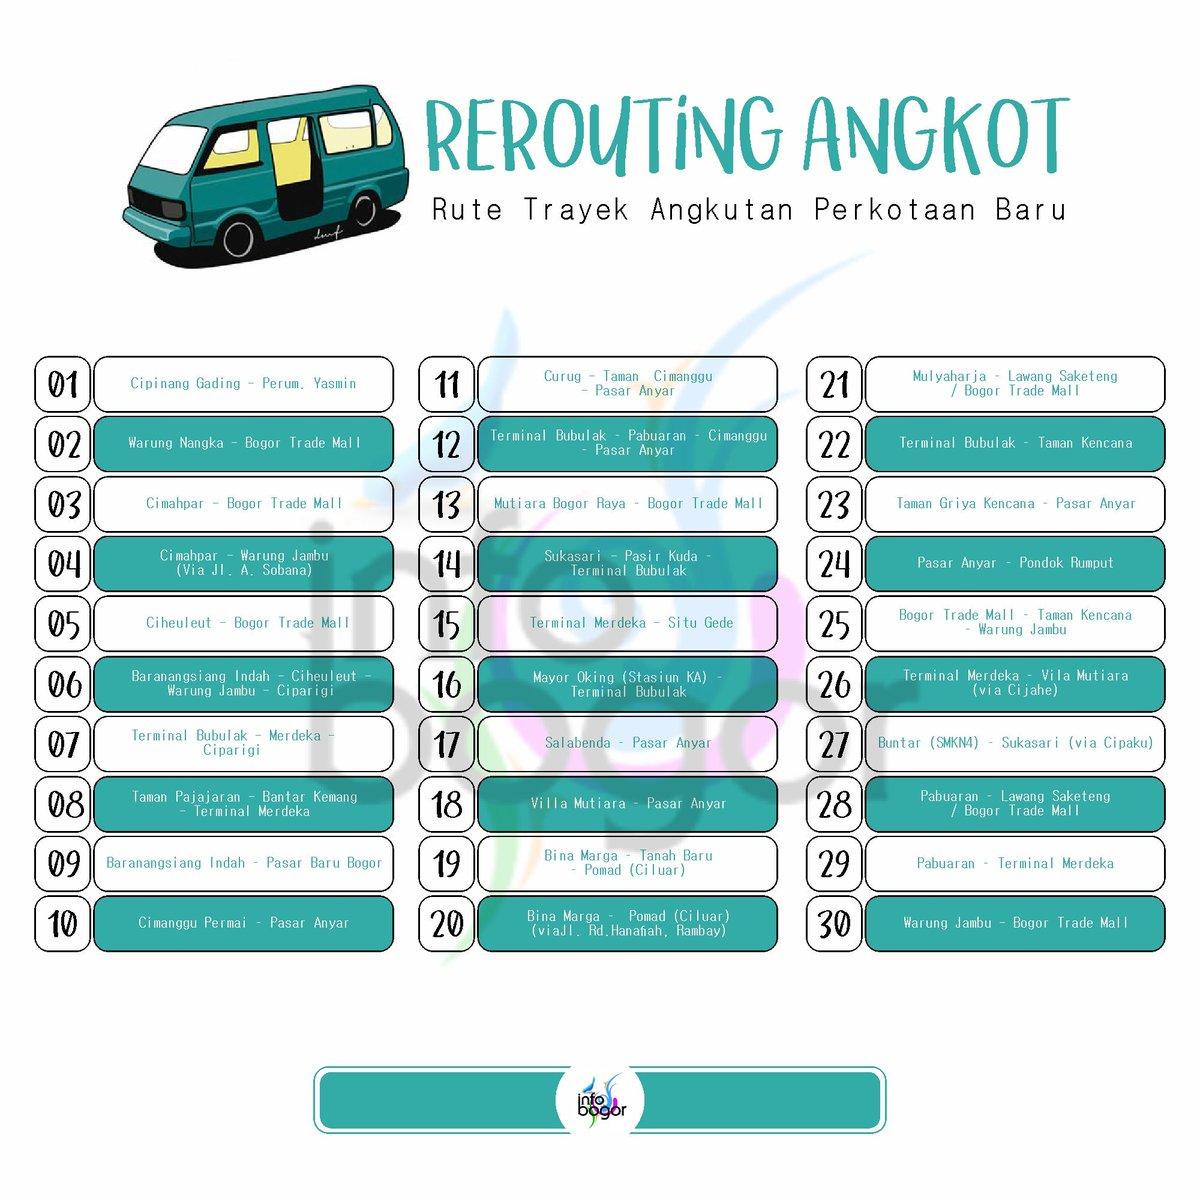 Rute Trayek Angkutan Perkotaan Bogor Baru ( REROUTING ANGKOT ) ! Yuk coba untuk dihafal lagi #Bogorian 😎  https://t.co/44RqPTV2BL